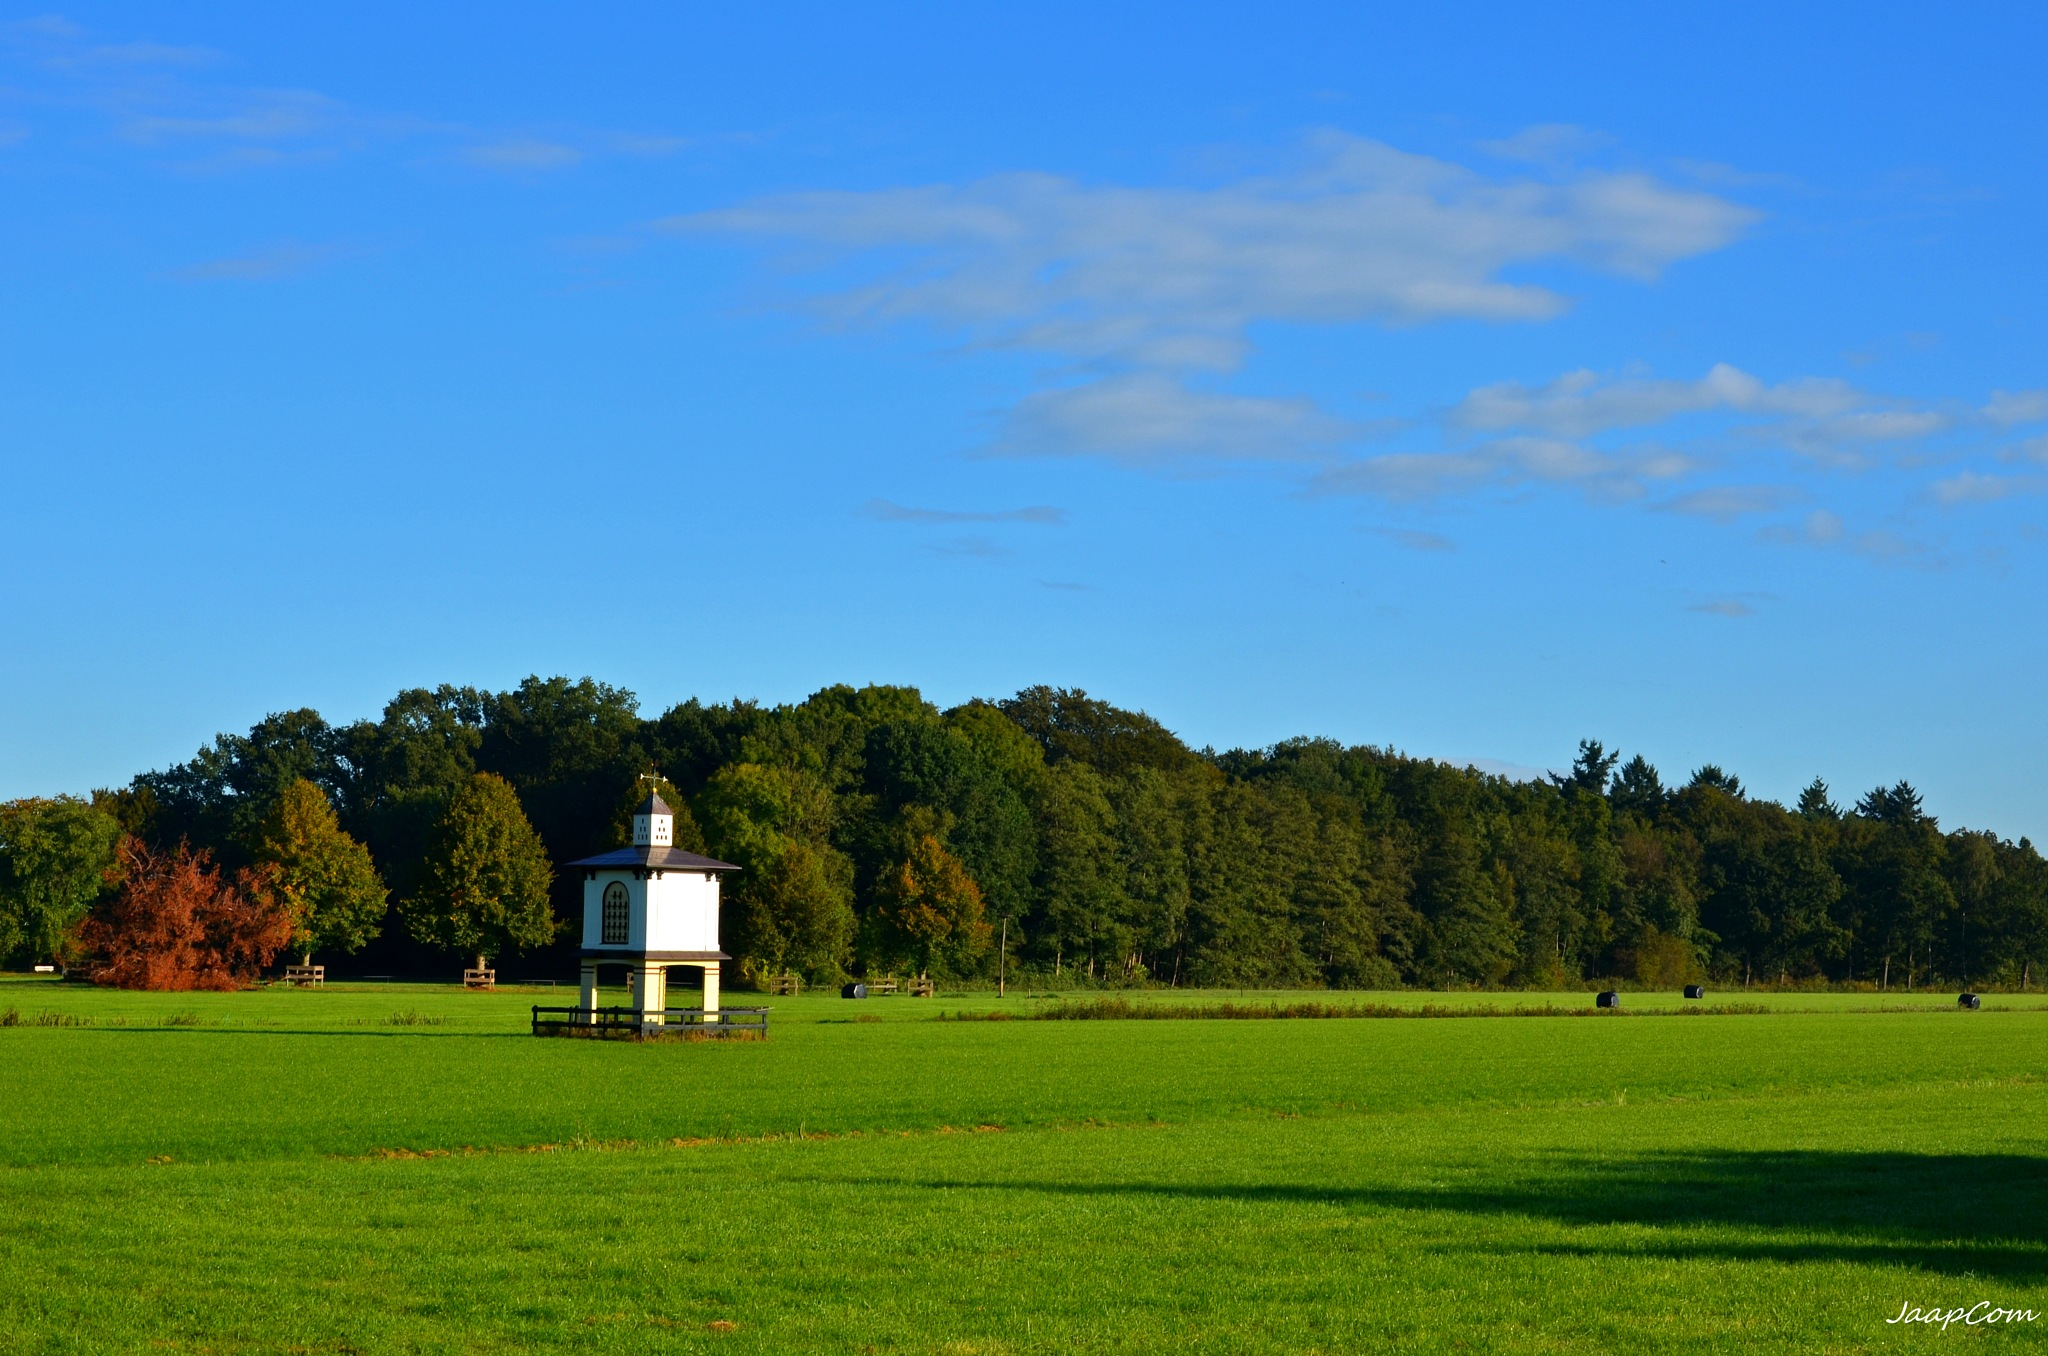 Landscape Ijsselvliedt by Jaap van Werven